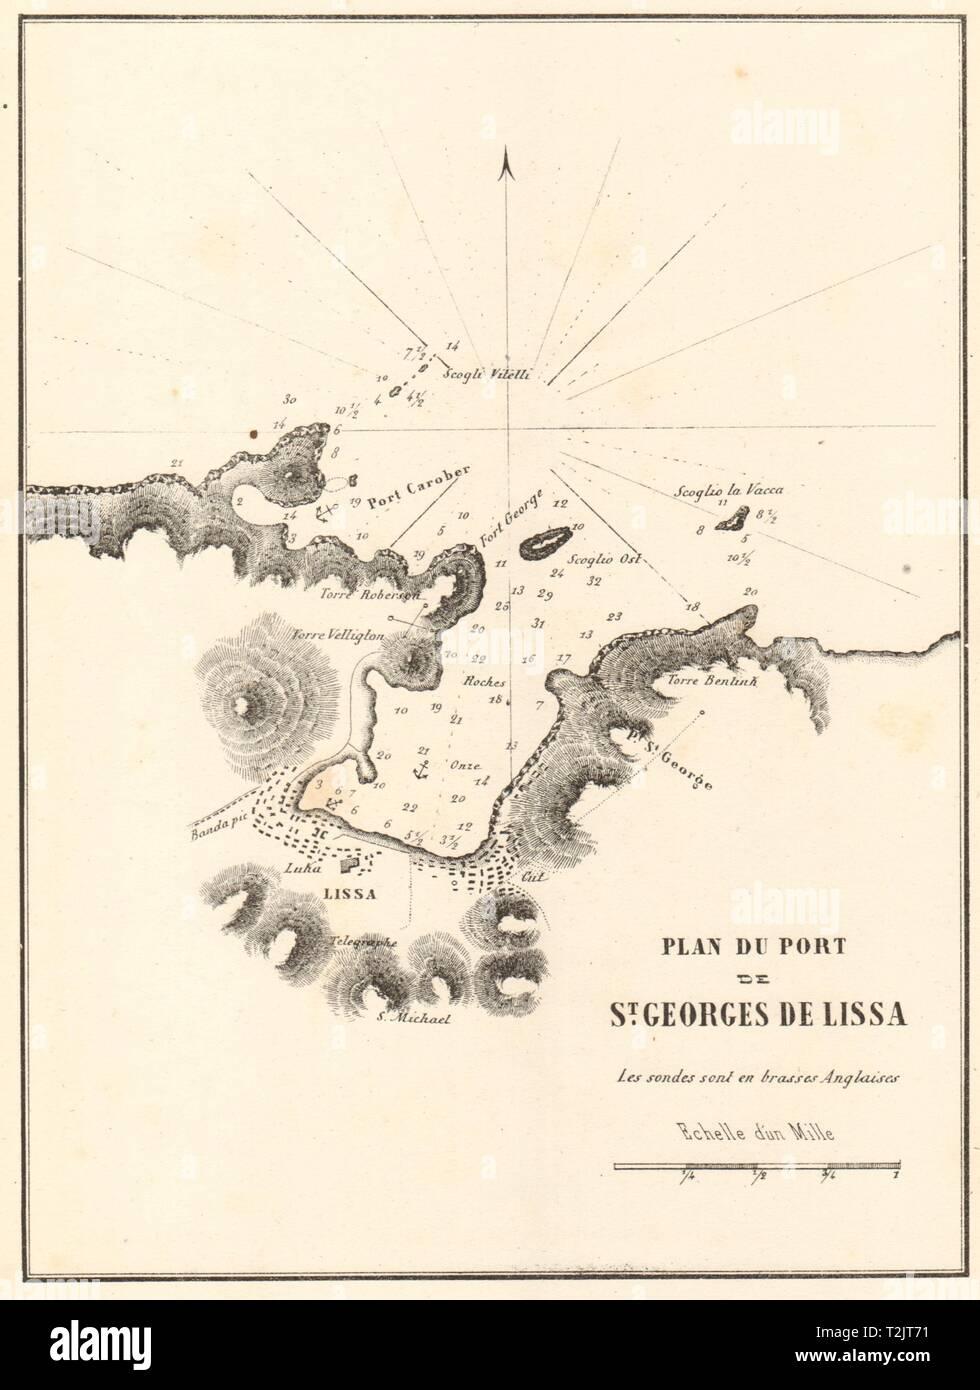 Vis town. 'Plan du Port de St Georges de Lissa'. Croatia. GAUTTIER 1854 map - Stock Image